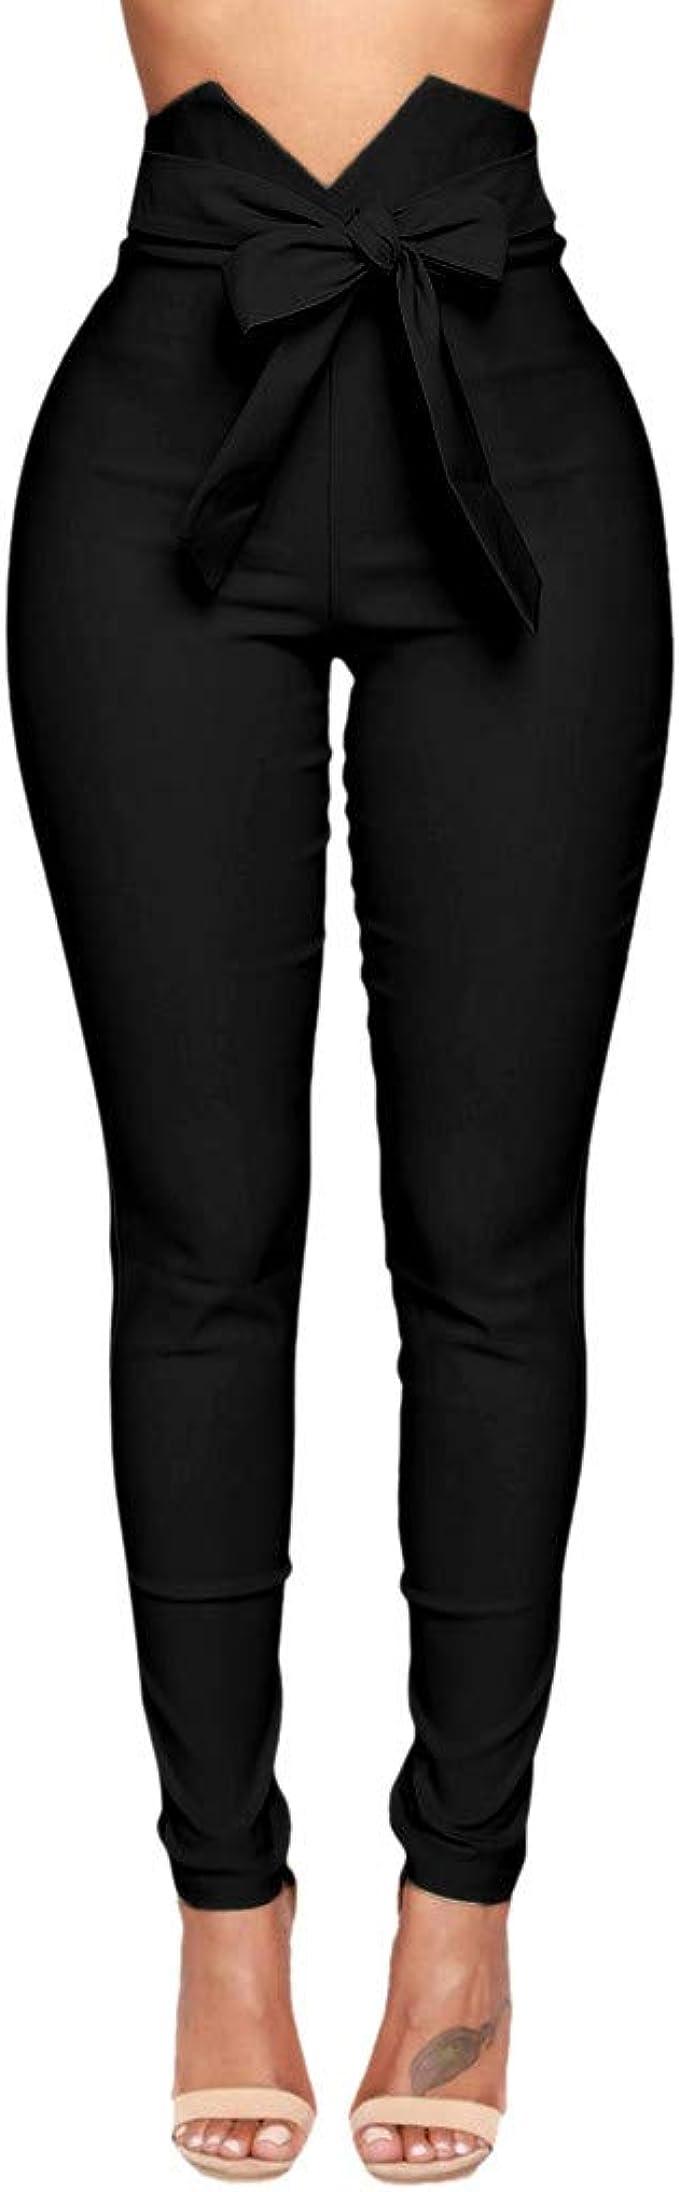 Pantalón mujer alta cintura Trousers moda Salopette pantalón ...